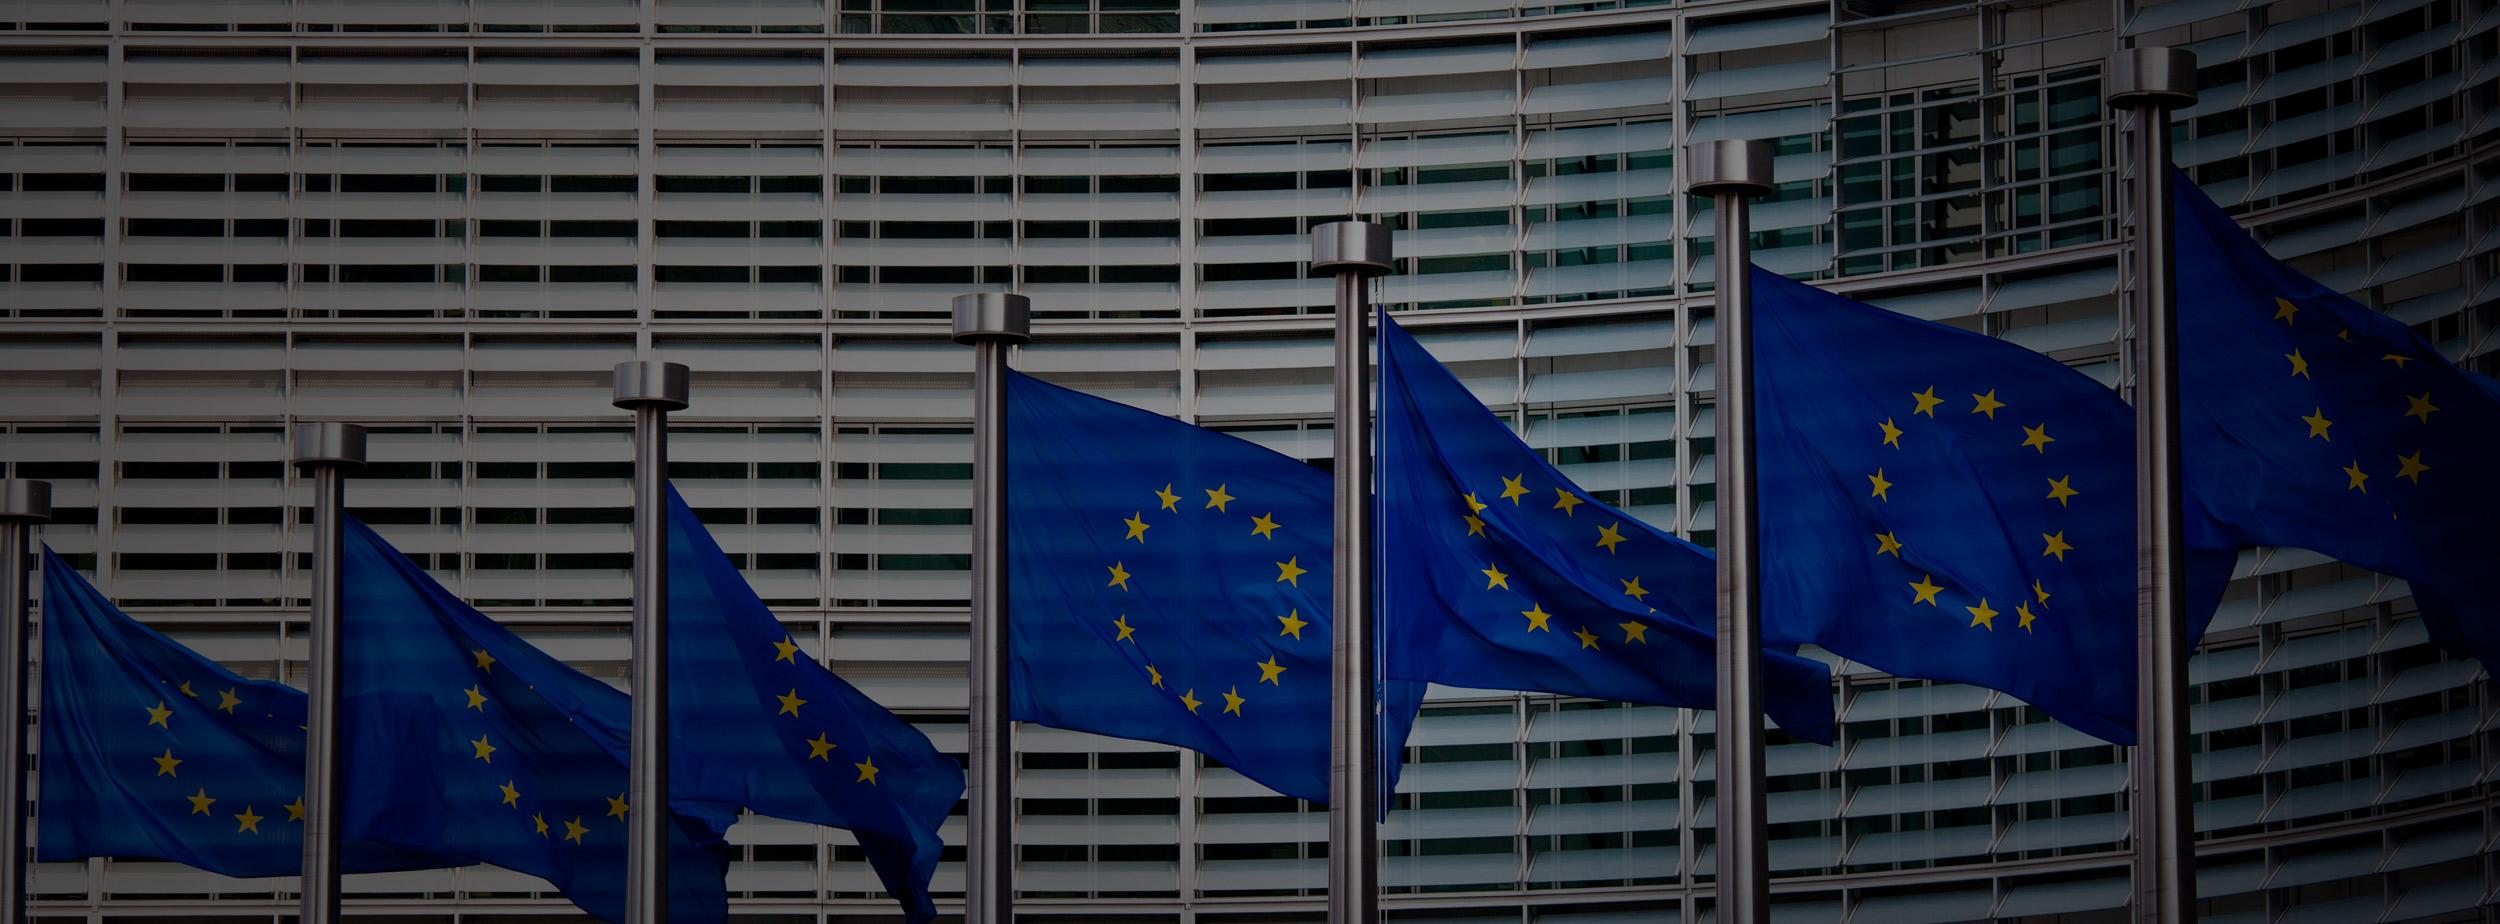 Europäische Souveränität ist die einzige Antwort